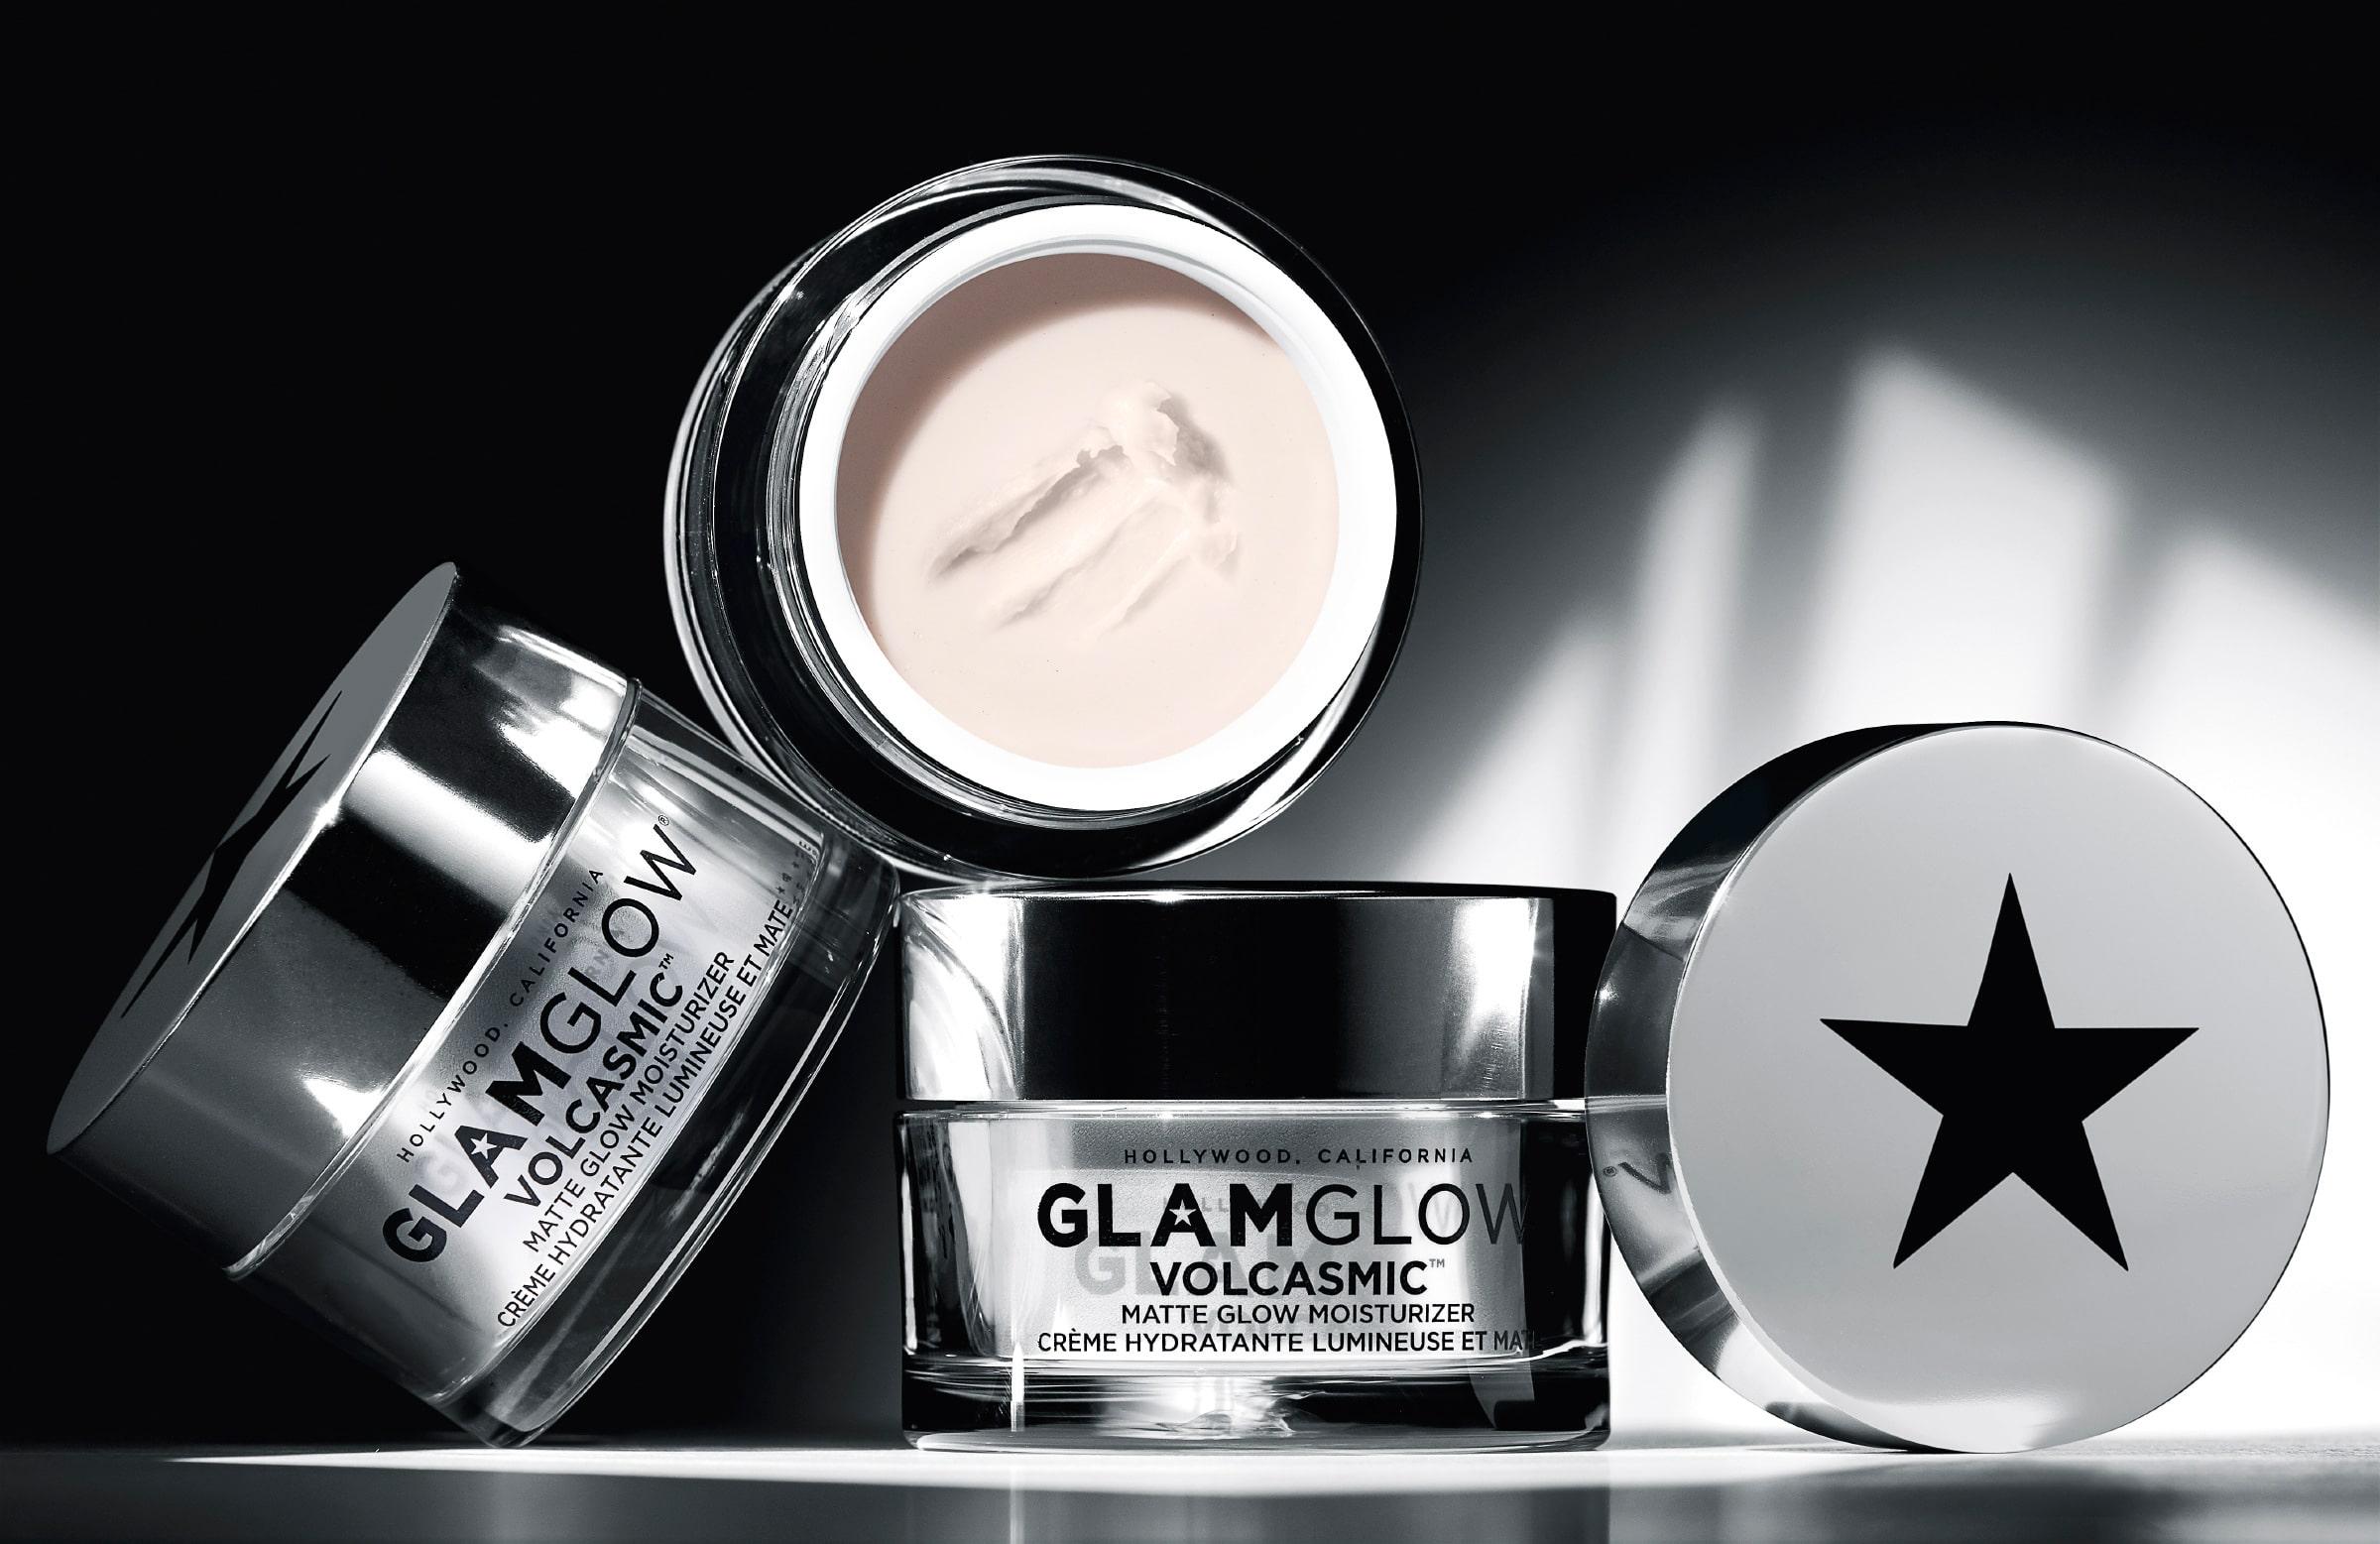 About Beauty GlamGlow Copertina